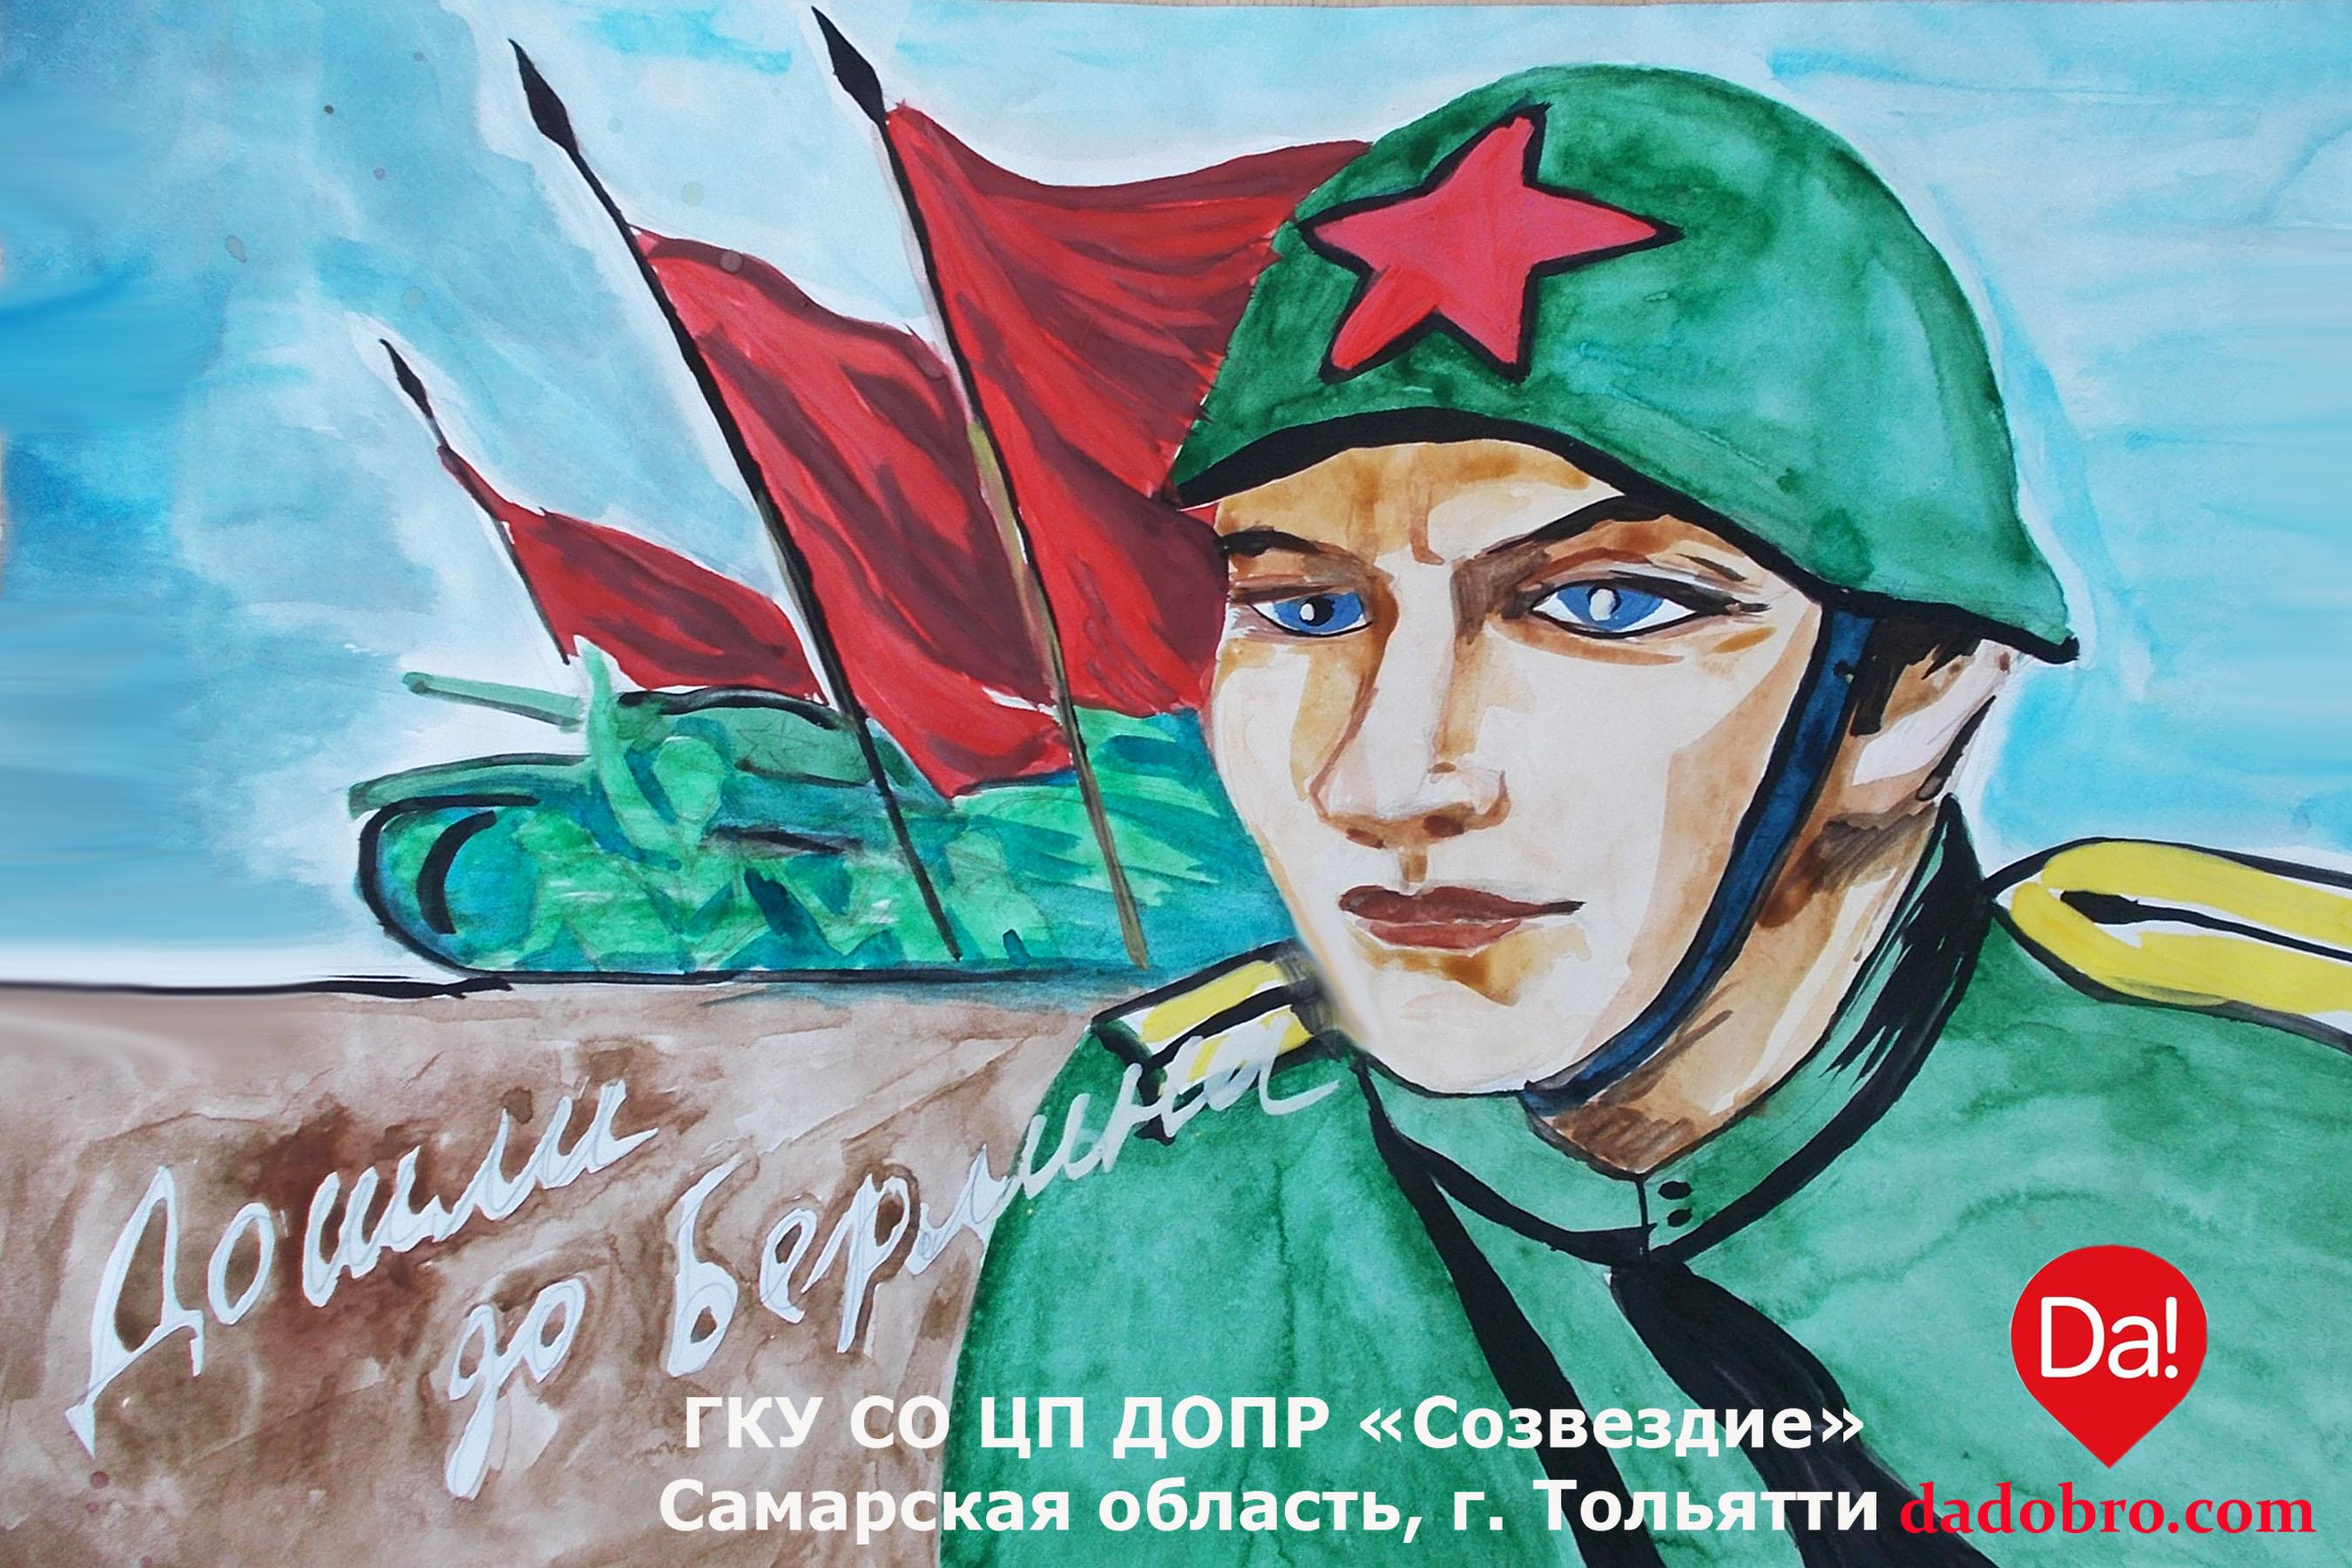 Павел Коновалов.jpg